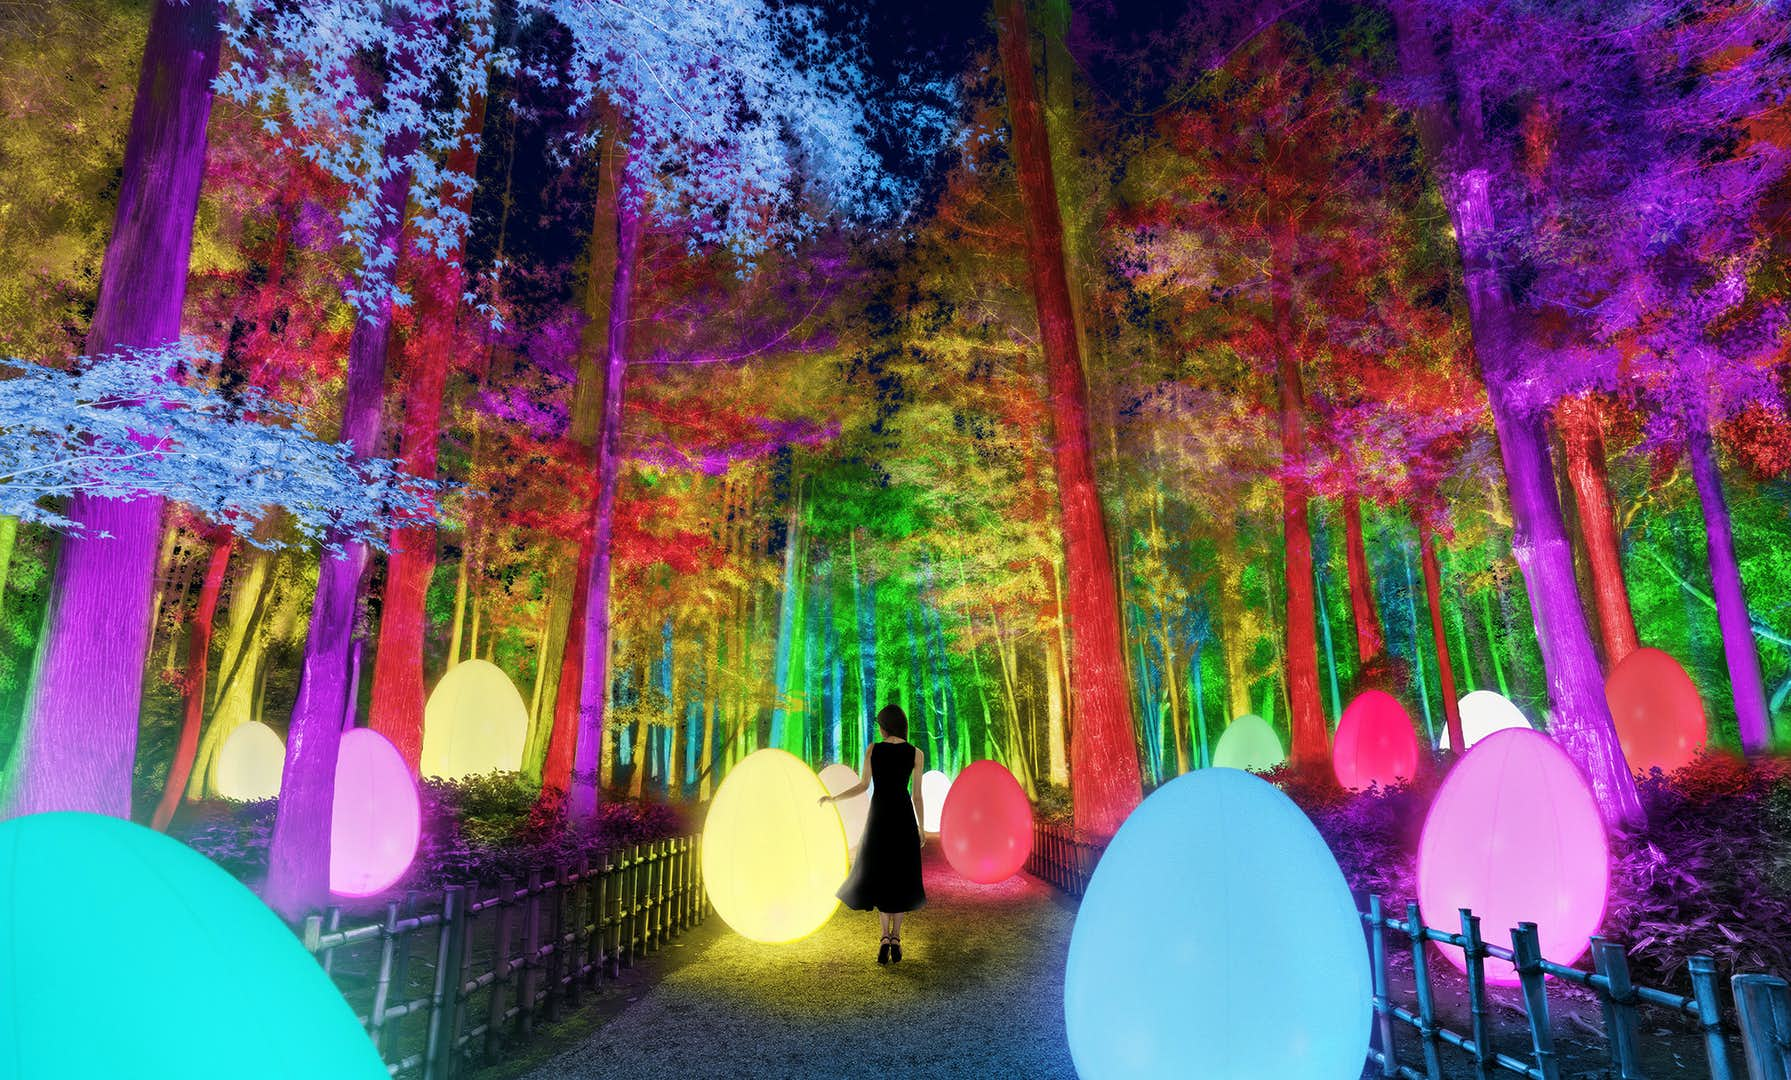 チームラボ 偕楽園 光の祭」が2021年2月に開催。3000本の梅が咲き誇る、光のアート空間に|美術手帖